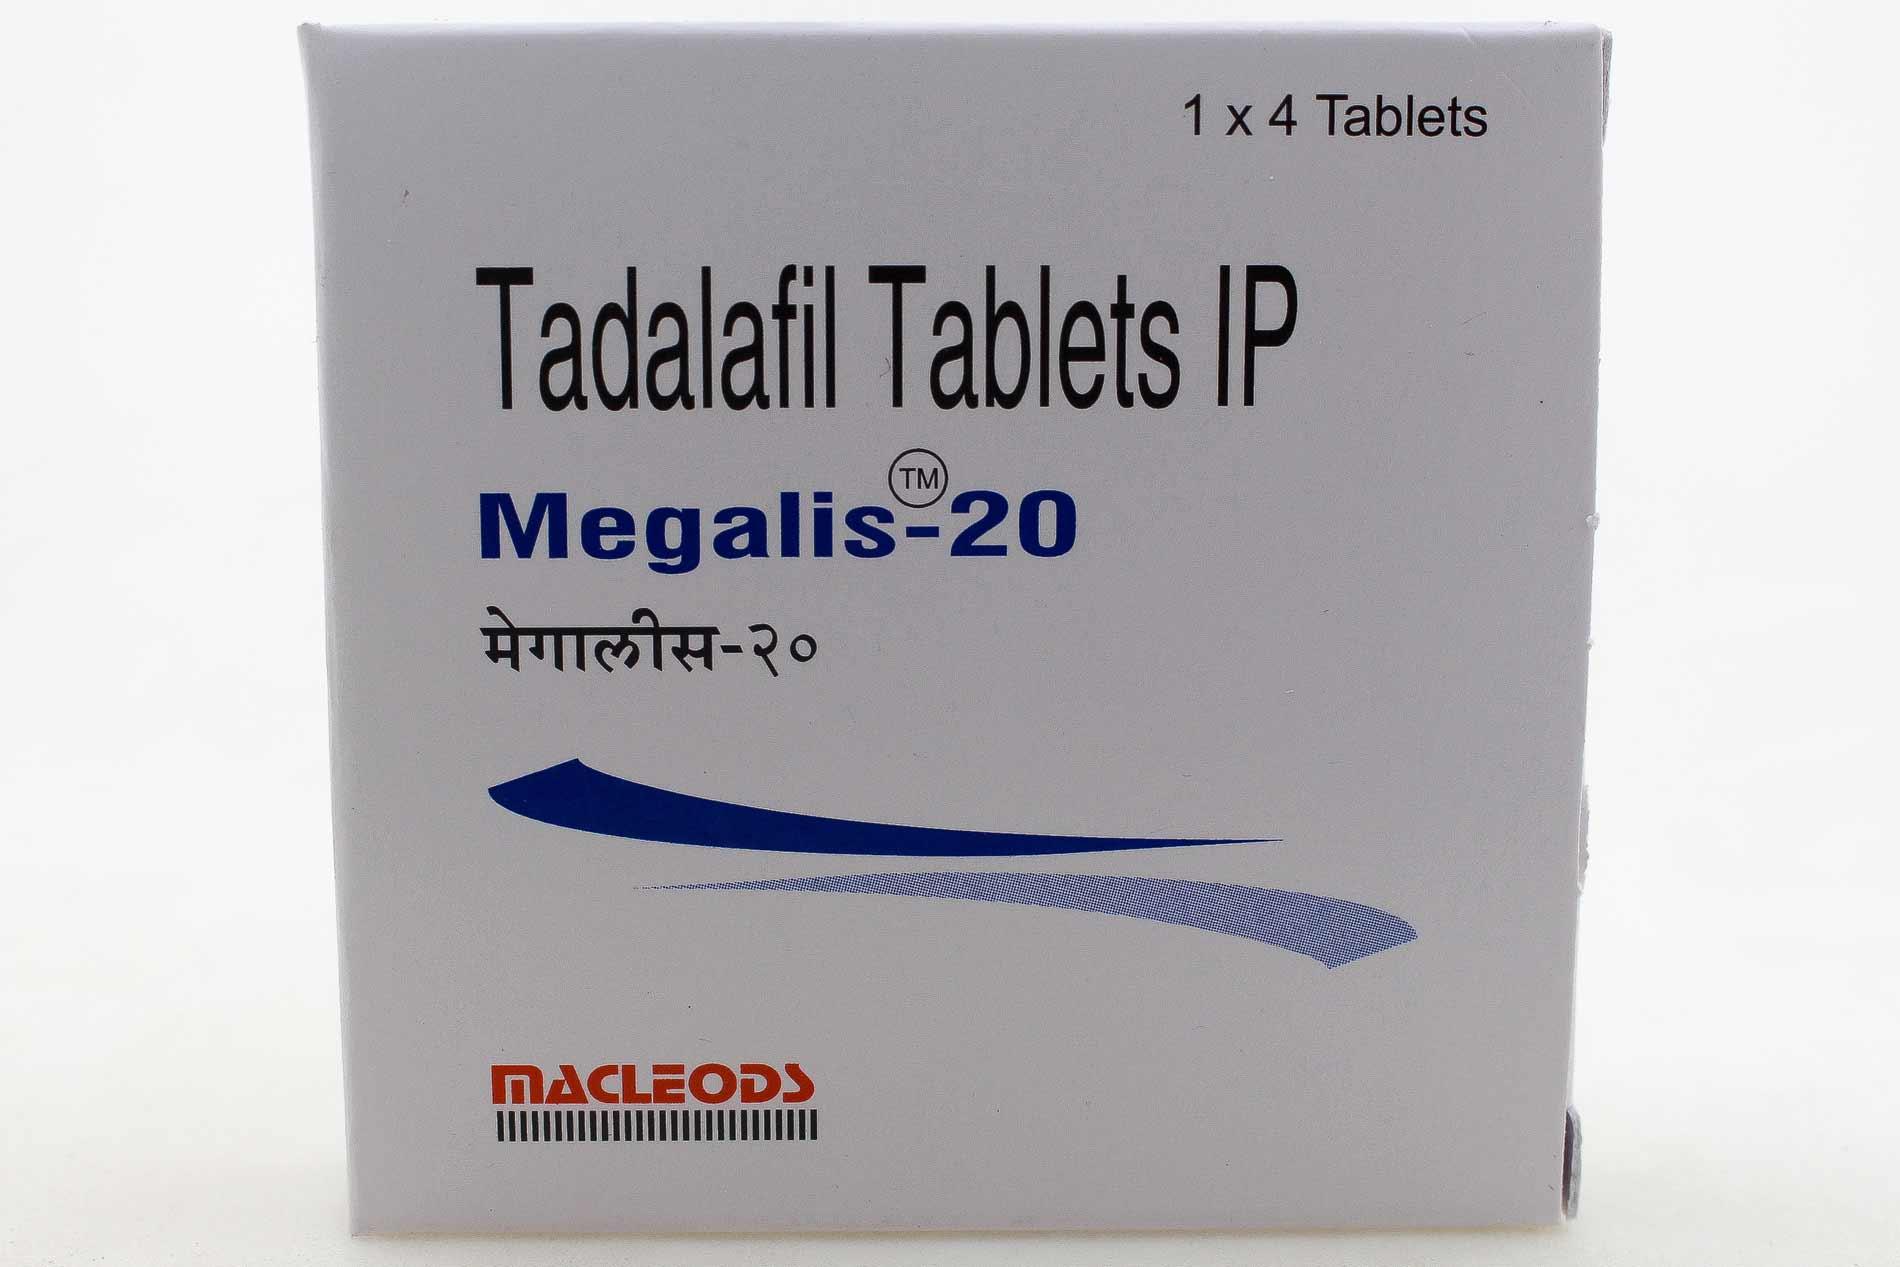 メガリス(Megalis)は高品質なインドのジェネリック医薬品で、ブランド薬であるシアリスと同じ効果を有しています